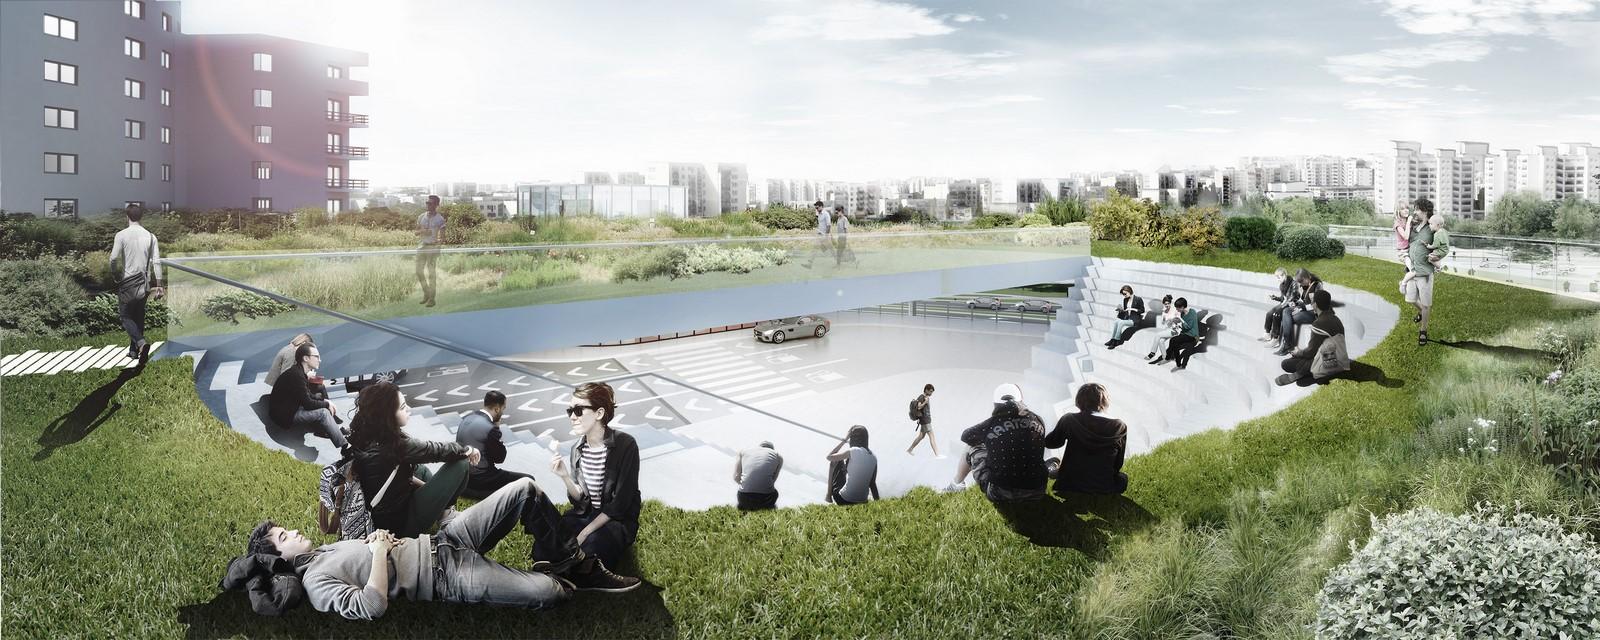 Filling Station by KAMJZ Architects: Innovative Future Project - Sheet3